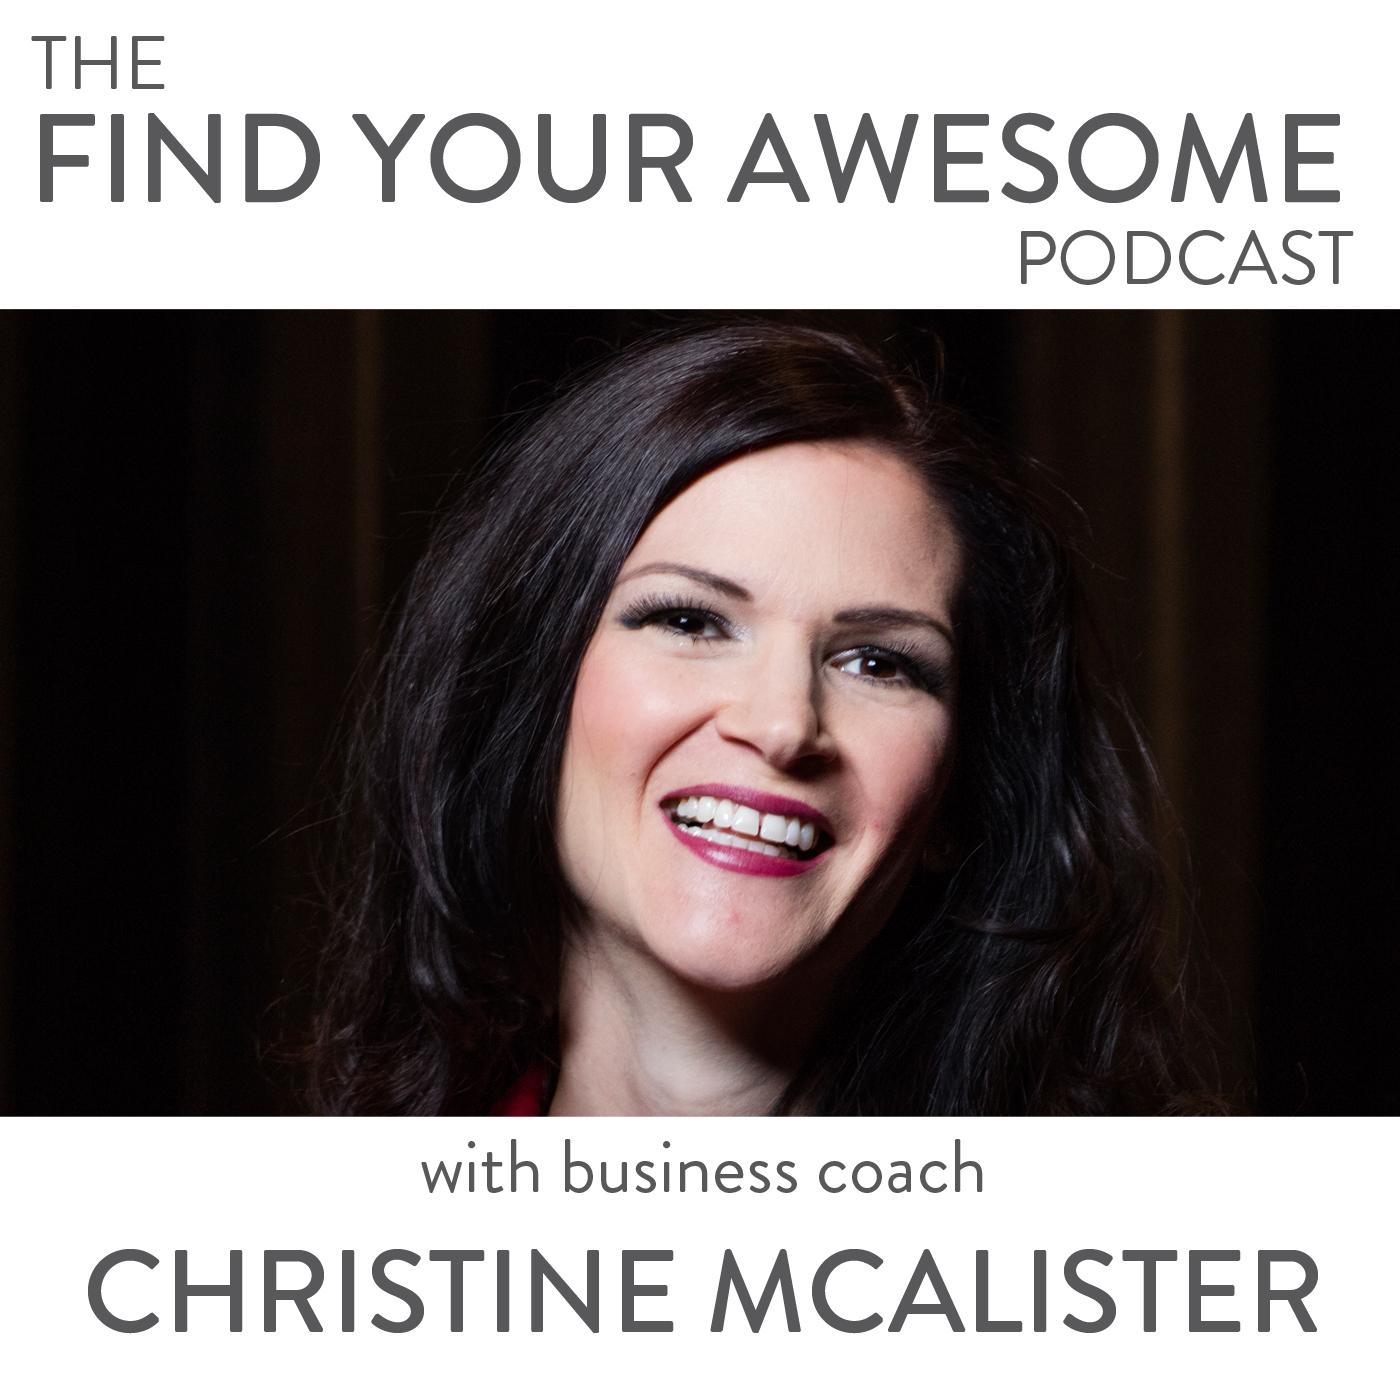 ChristineMcAlister_podcast_coverart.jpg